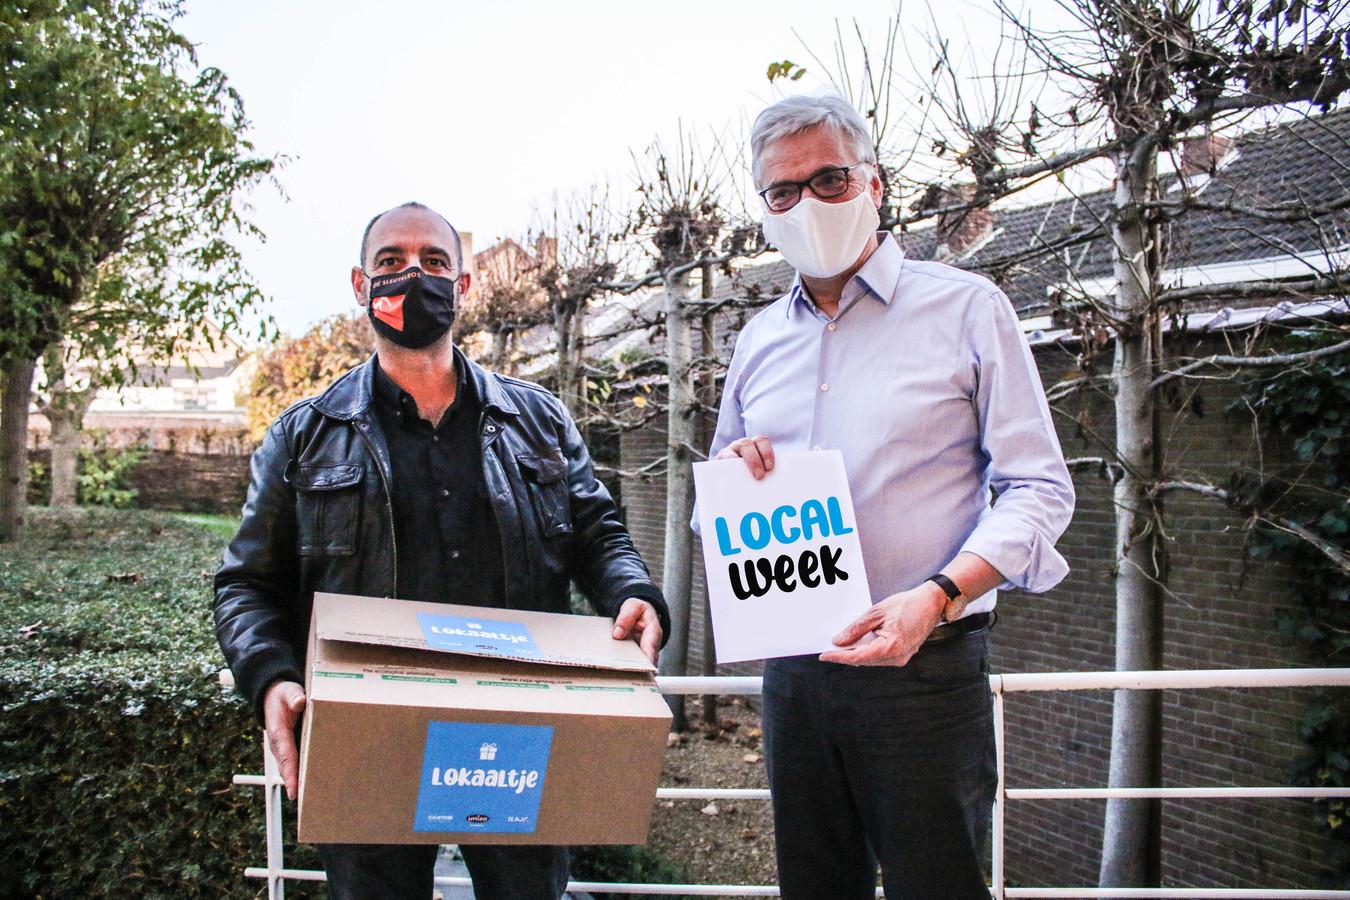 Benny Thonon van Unizo Tongeren (links) en schepen van Economie Marc Hoogmartens (rechts) pakken uit met de 'Local Week', een lokaal alternatief voor 'Black Firday' en aanverwanten.